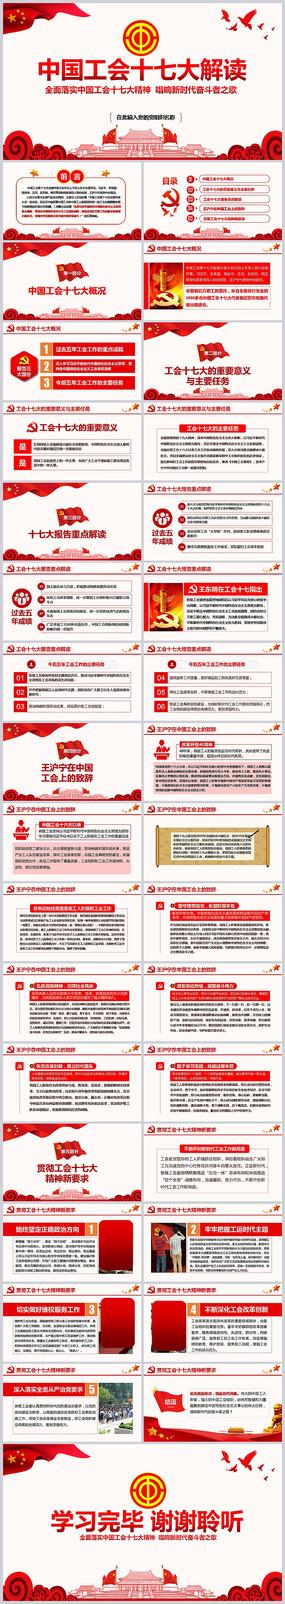 学习中国工会十七大PPT pptx